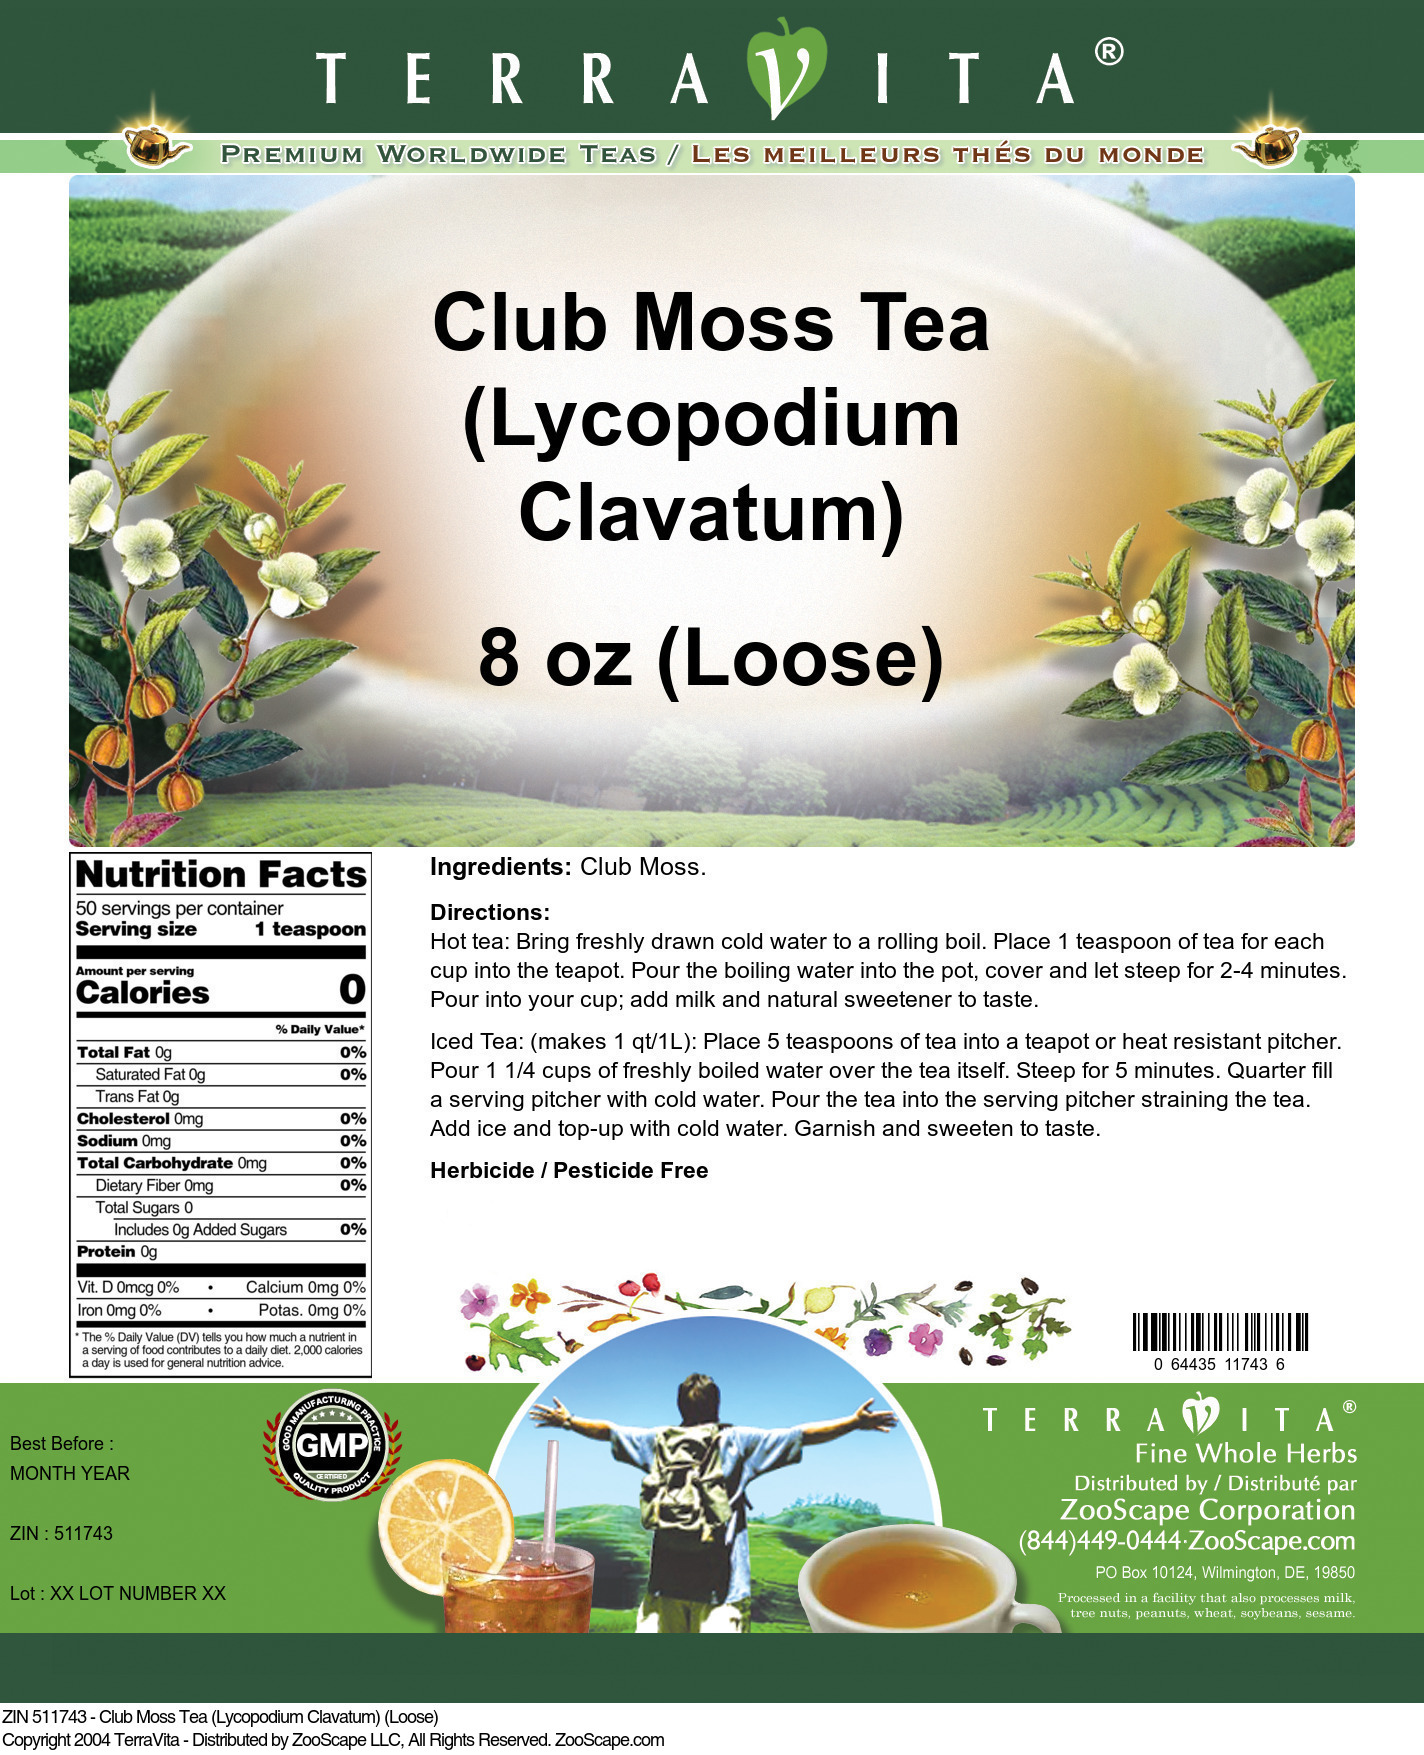 Club Moss Tea (Lycopodium Clavatum) (Loose) - Label